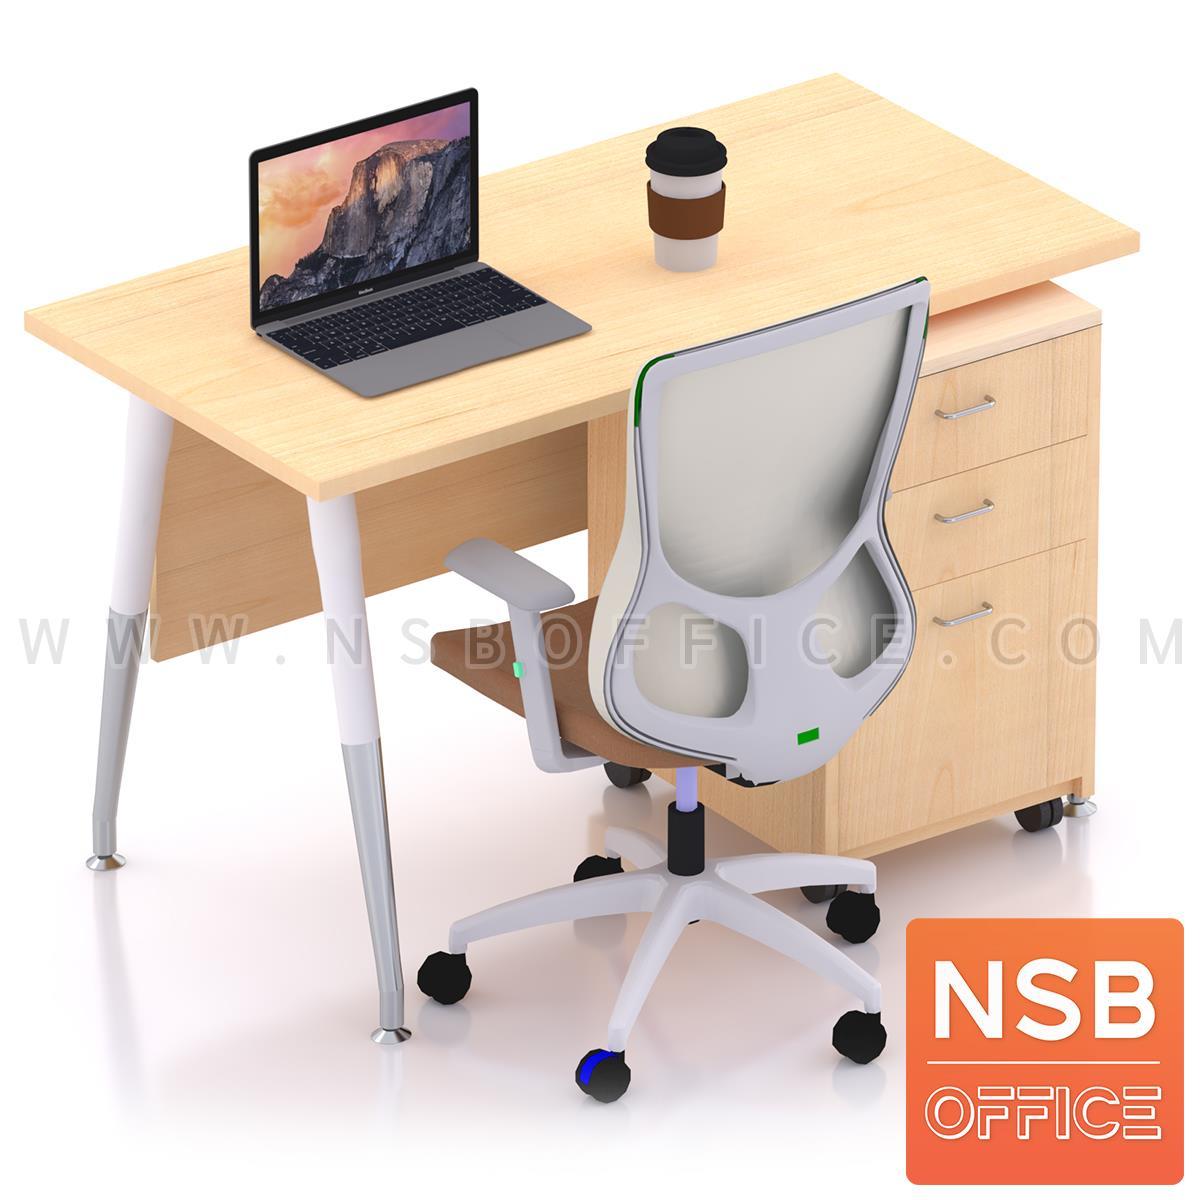 โต๊ะทำงานพร้อมลิ้นชักไม้ล้อเลื่อน รุ่น Plantnery 1 (แพลนเนอรี่ 1) ขนาด 120W cm. มีบังตา ขาเหล็ก